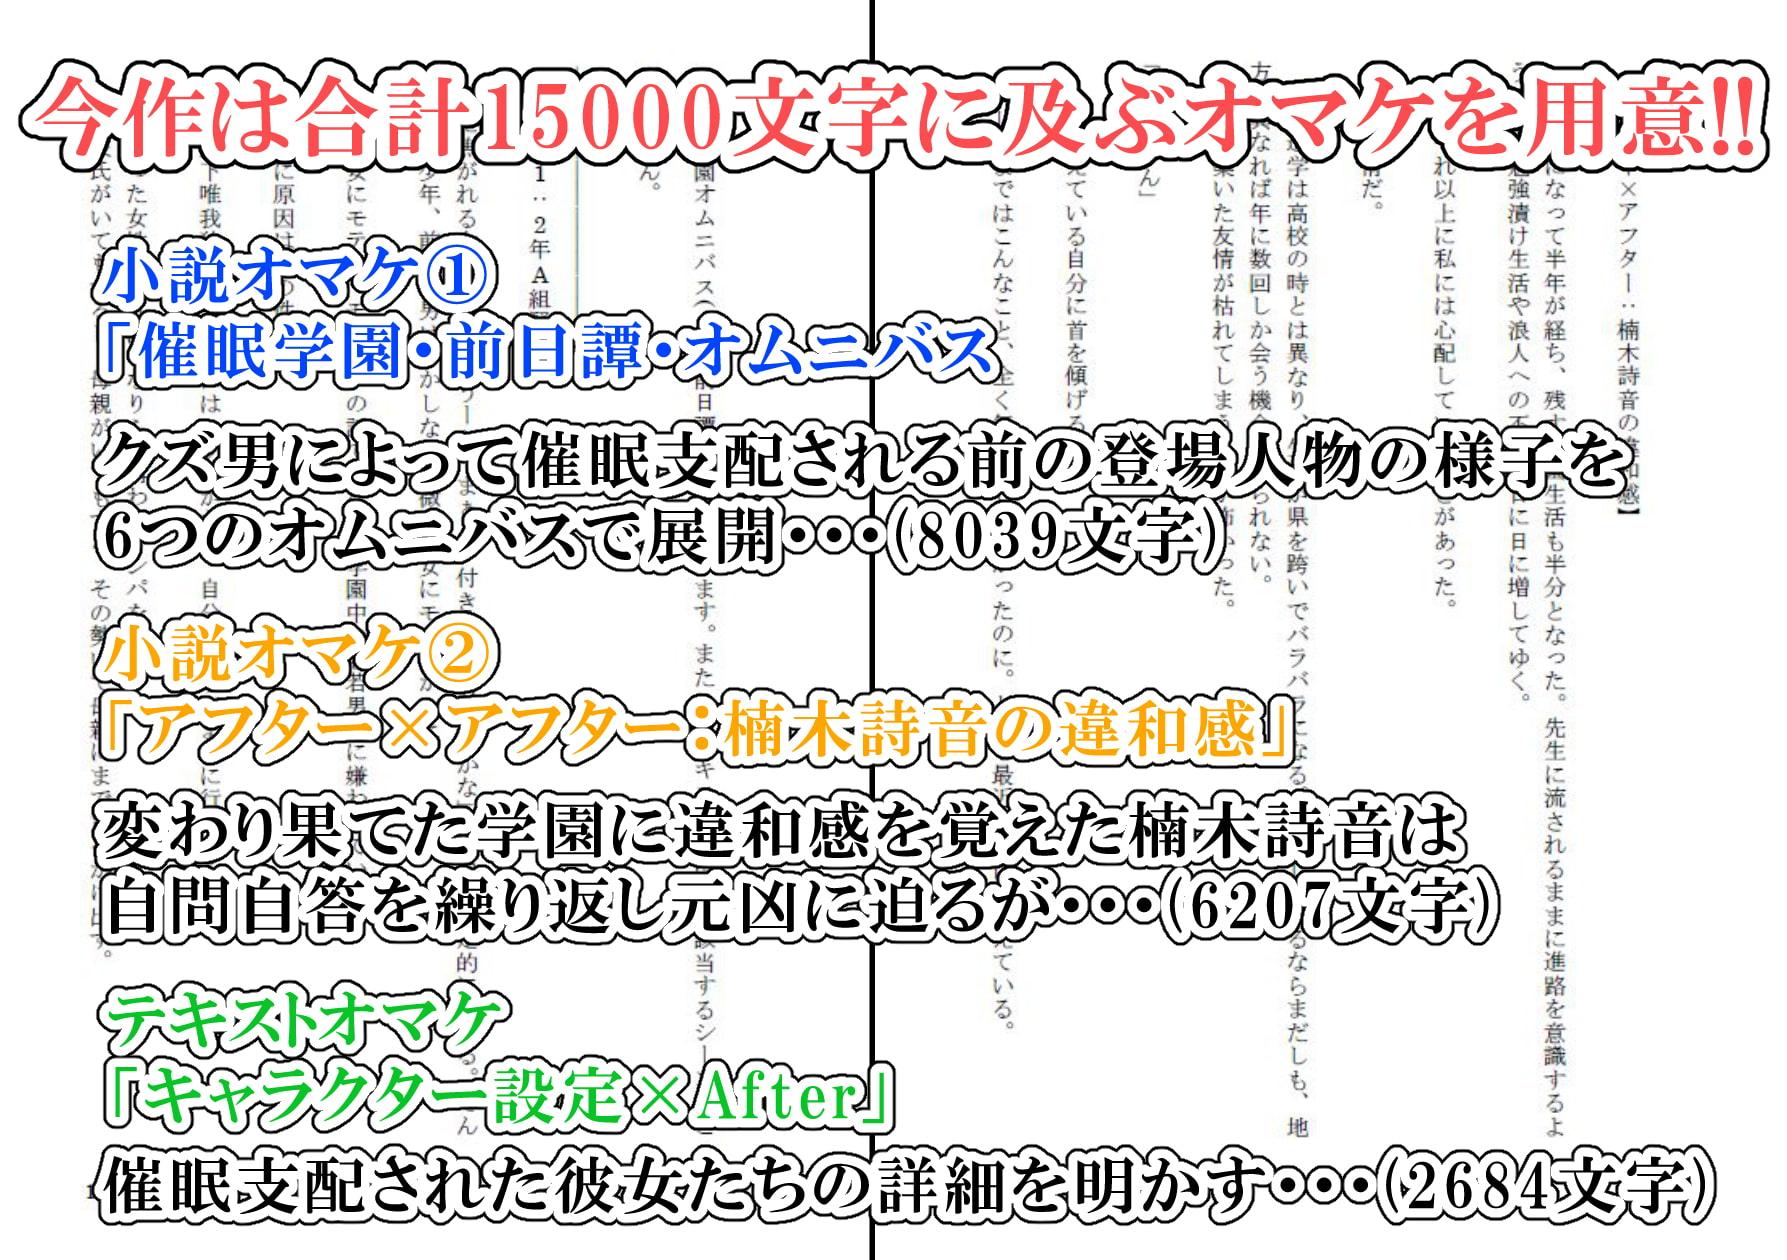 催眠学園オムニバスAfter ~十人十色の美少女たちとSEX三昧な日常!!~のサンプル画像